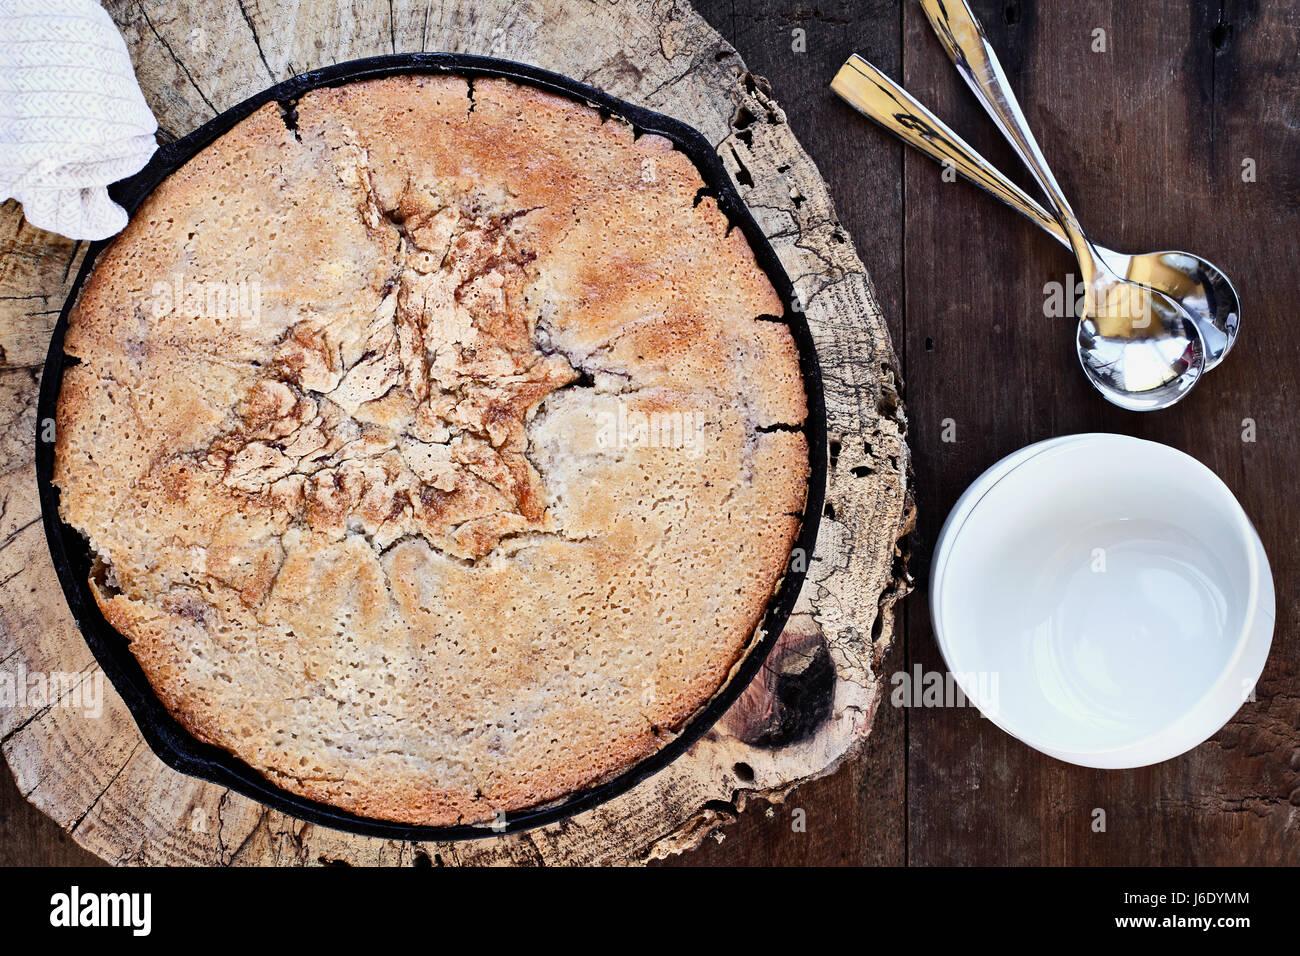 Sopra l'immagine di un mirtillo e peach cobbler cotti in una padella in ghisa su una tavola in legno rustico Immagini Stock